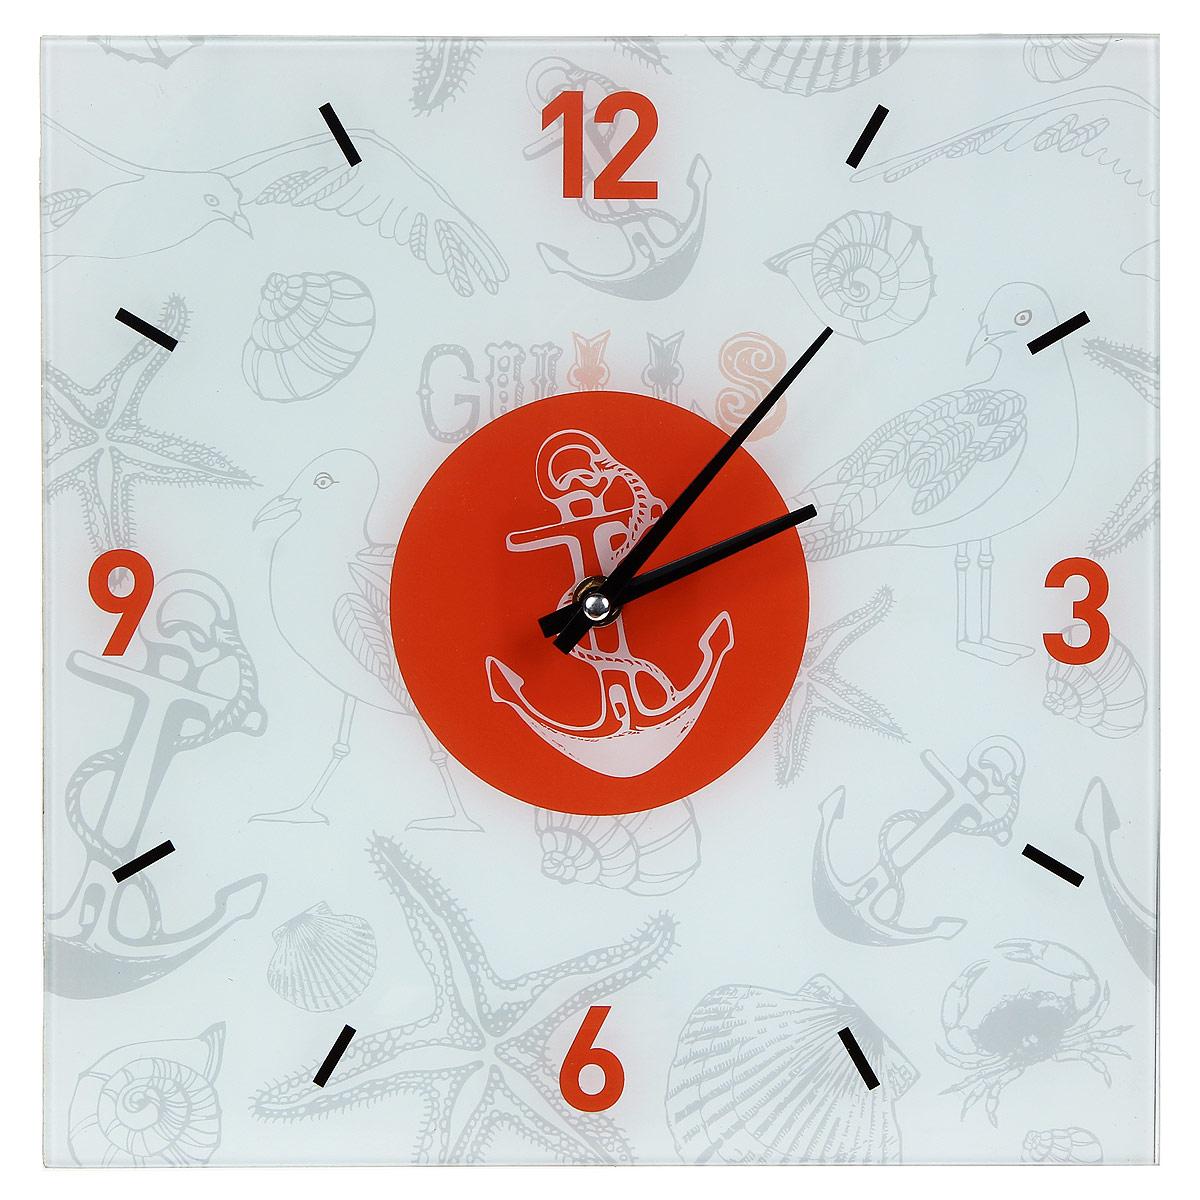 Часы настенные Морские. 2780827808Настенные часы квадратной формы Морские своим эксклюзивным дизайном подчеркнут оригинальность интерьера вашего дома.Часы выполнены из стекла и украшены изображением чаек, якорей, ракушек и морских звезд. Часы имеют две стрелки - часовую и минутную. Циферблат часов не защищен стеклом. Настенные часы Морские подходят для кухни, гостиной, прихожей или дачи, а также могут стать отличным подарком для друзей и близких. Часы работают от одной батарейки типа АА (не входят в комплект).